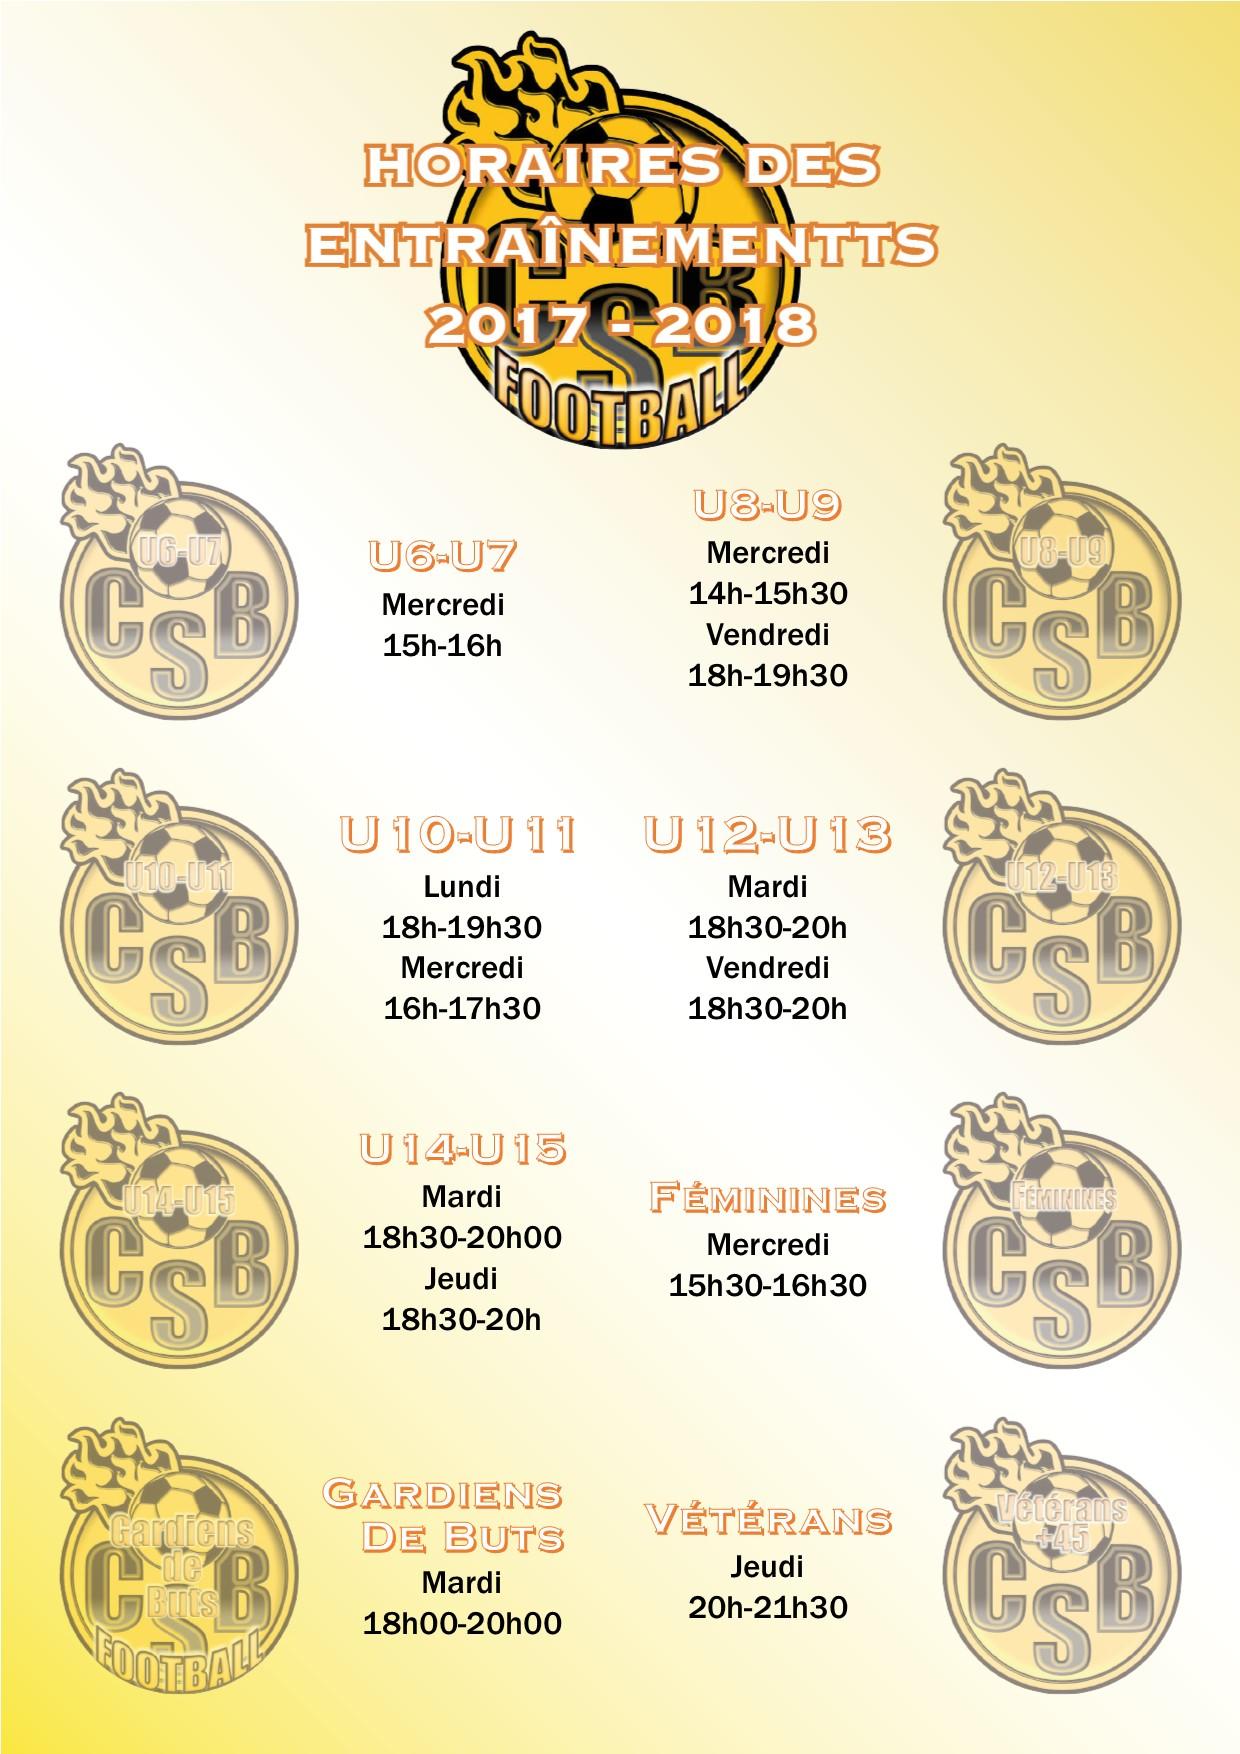 tableau des horaires